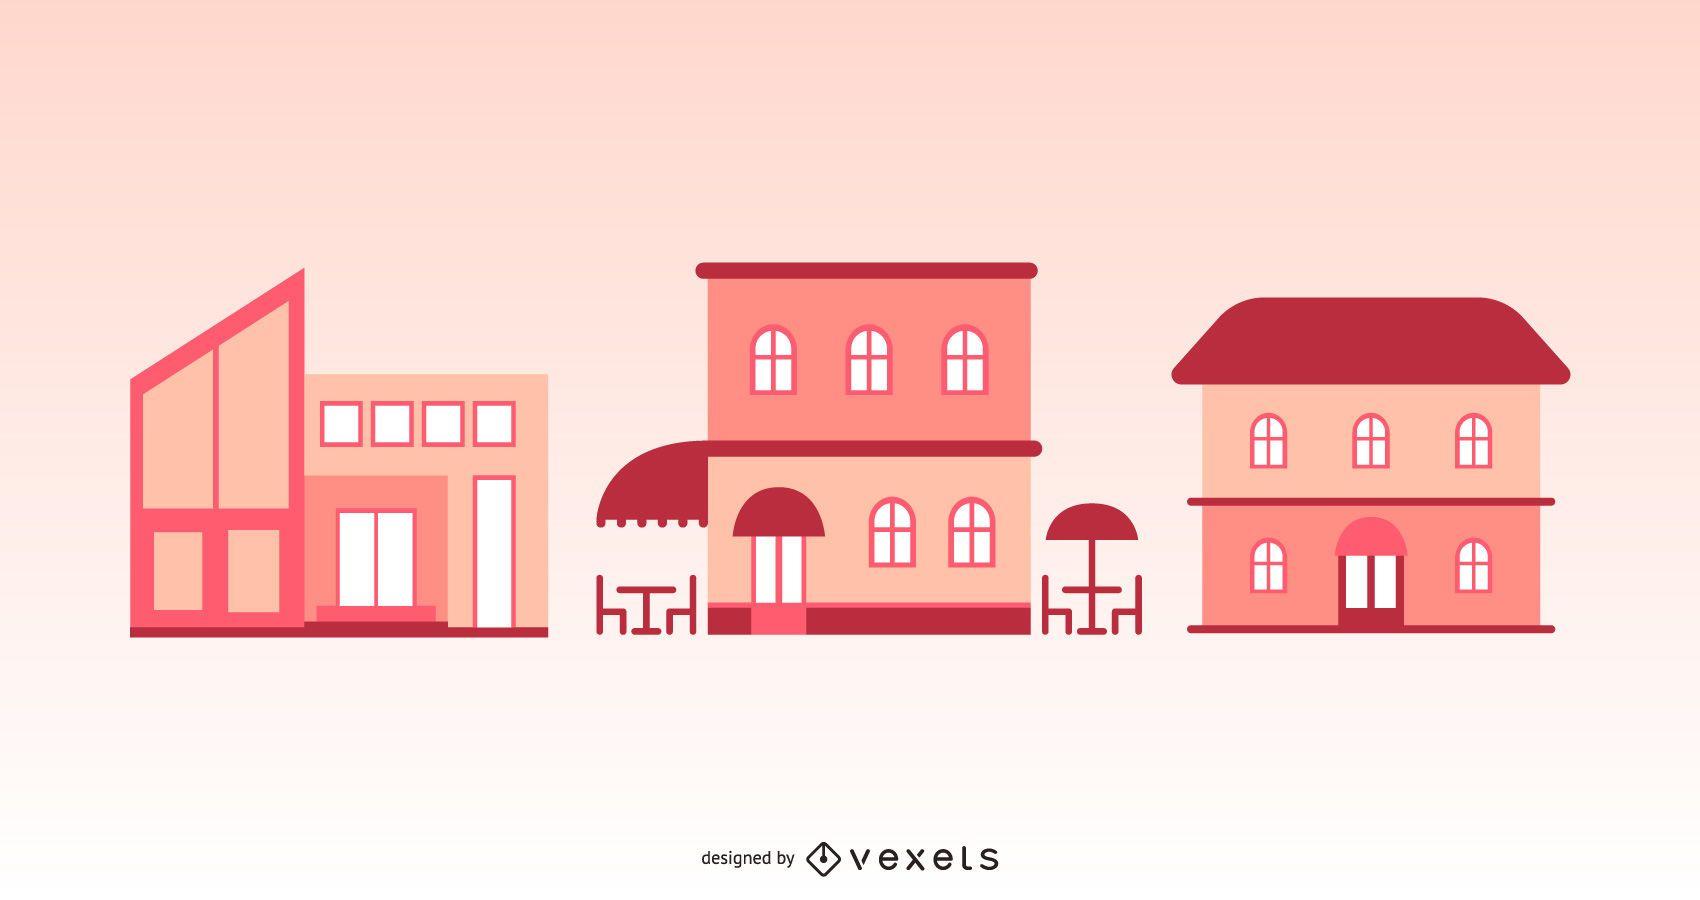 City Building Vectors